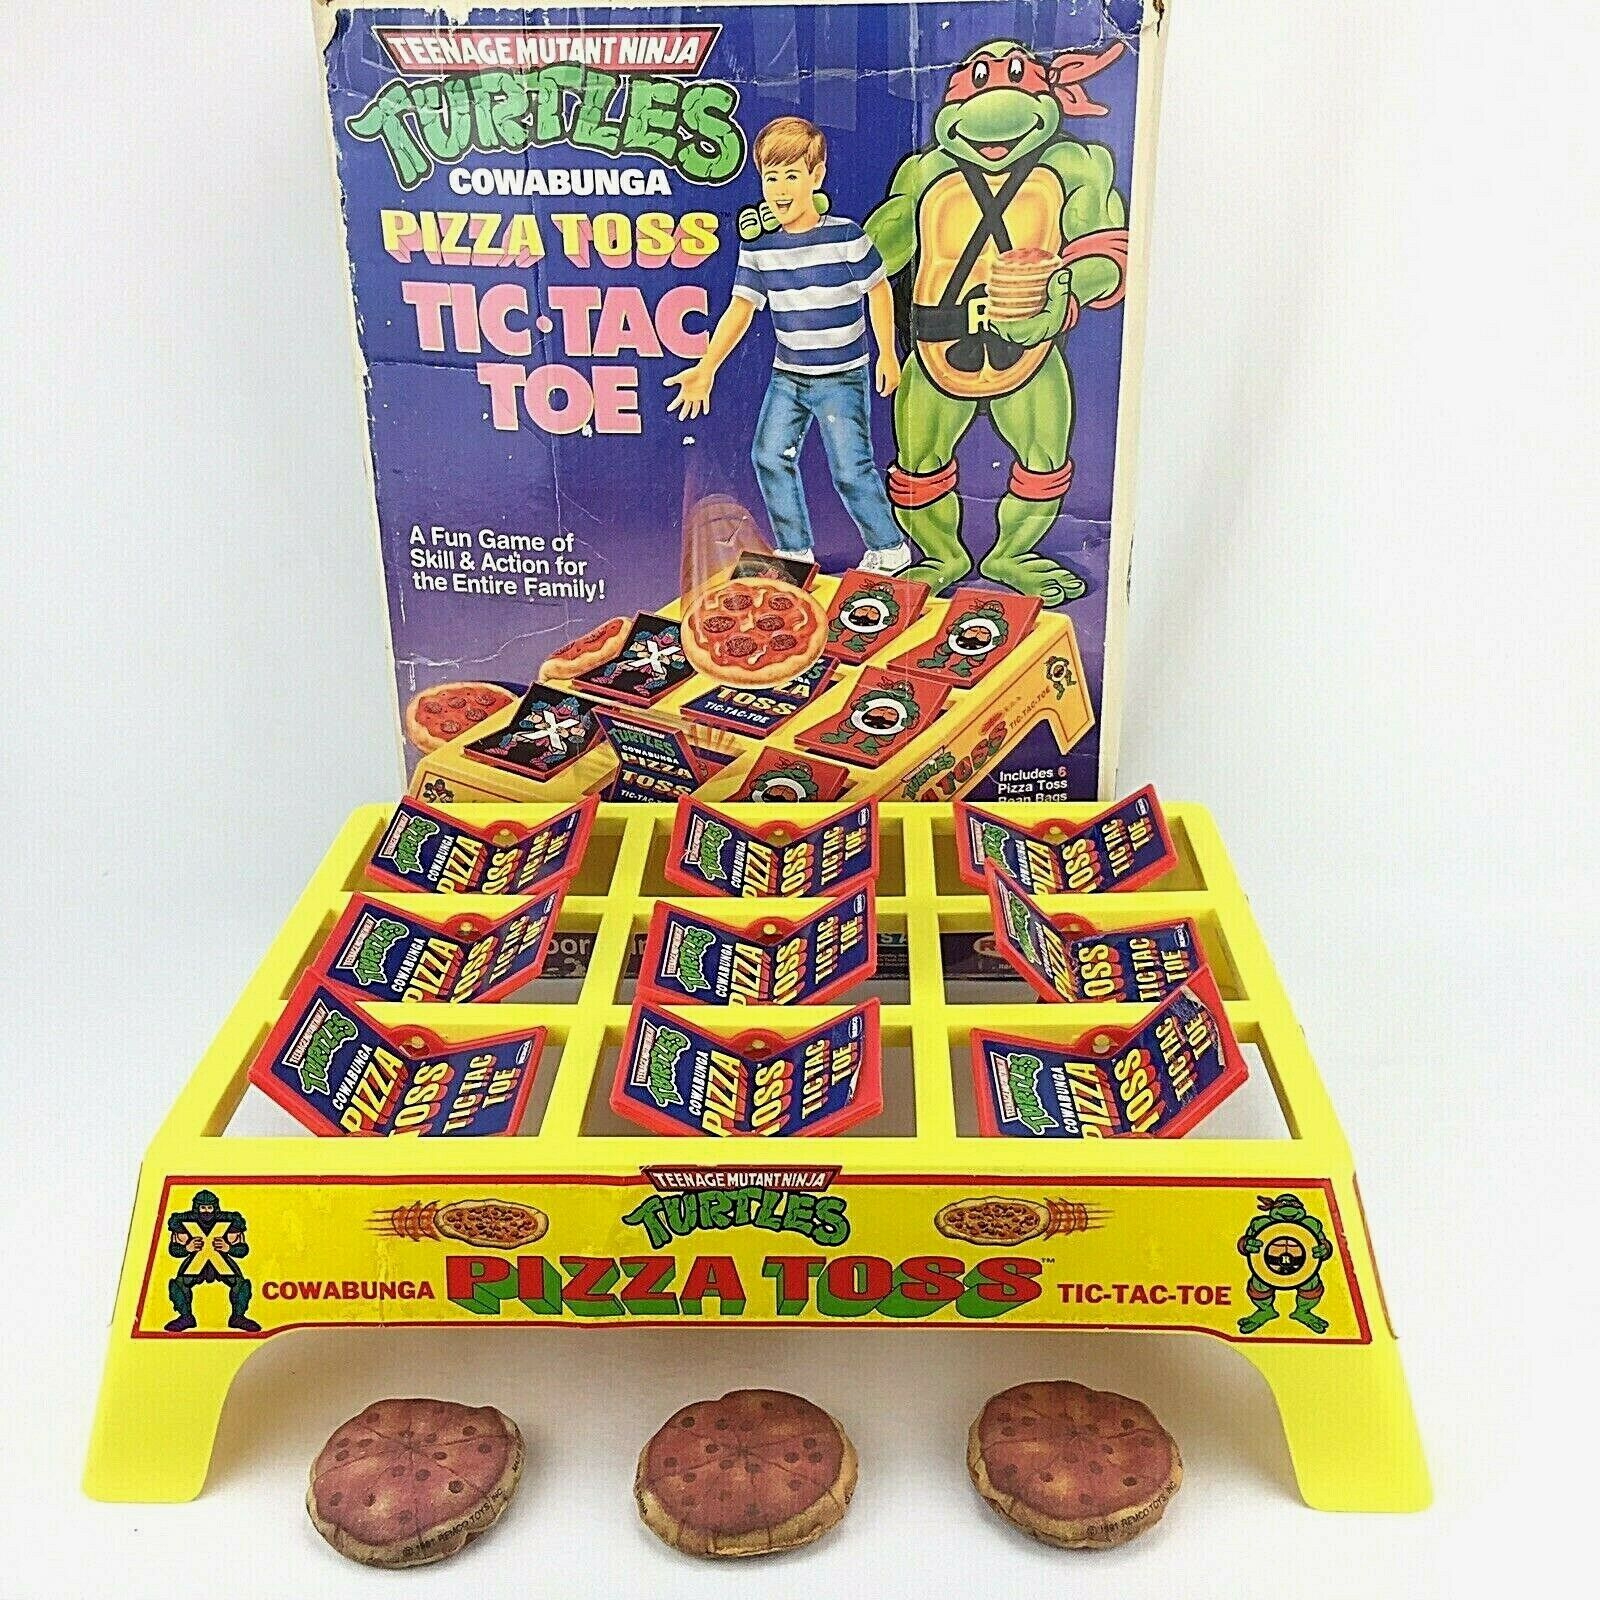 TMNT Pizza Toss Tic Tac Toe gioco Teenage Mutant Ninja Turtles with scatola 3 Pizza